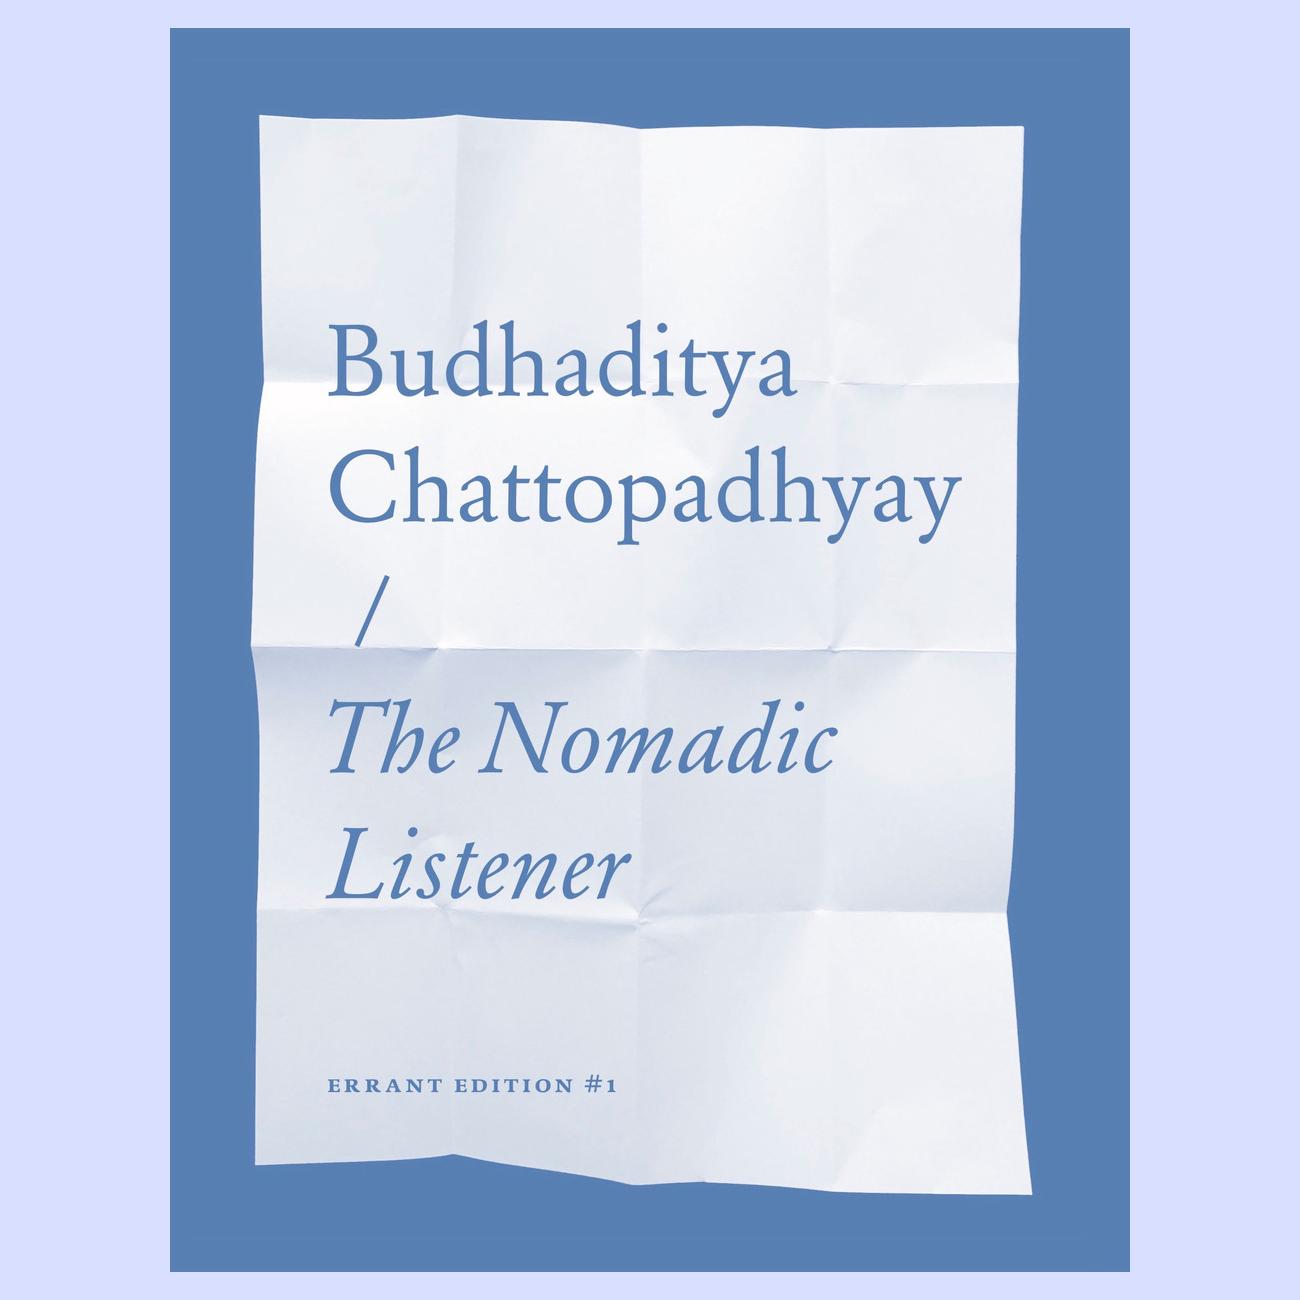 The Nomadic Listener